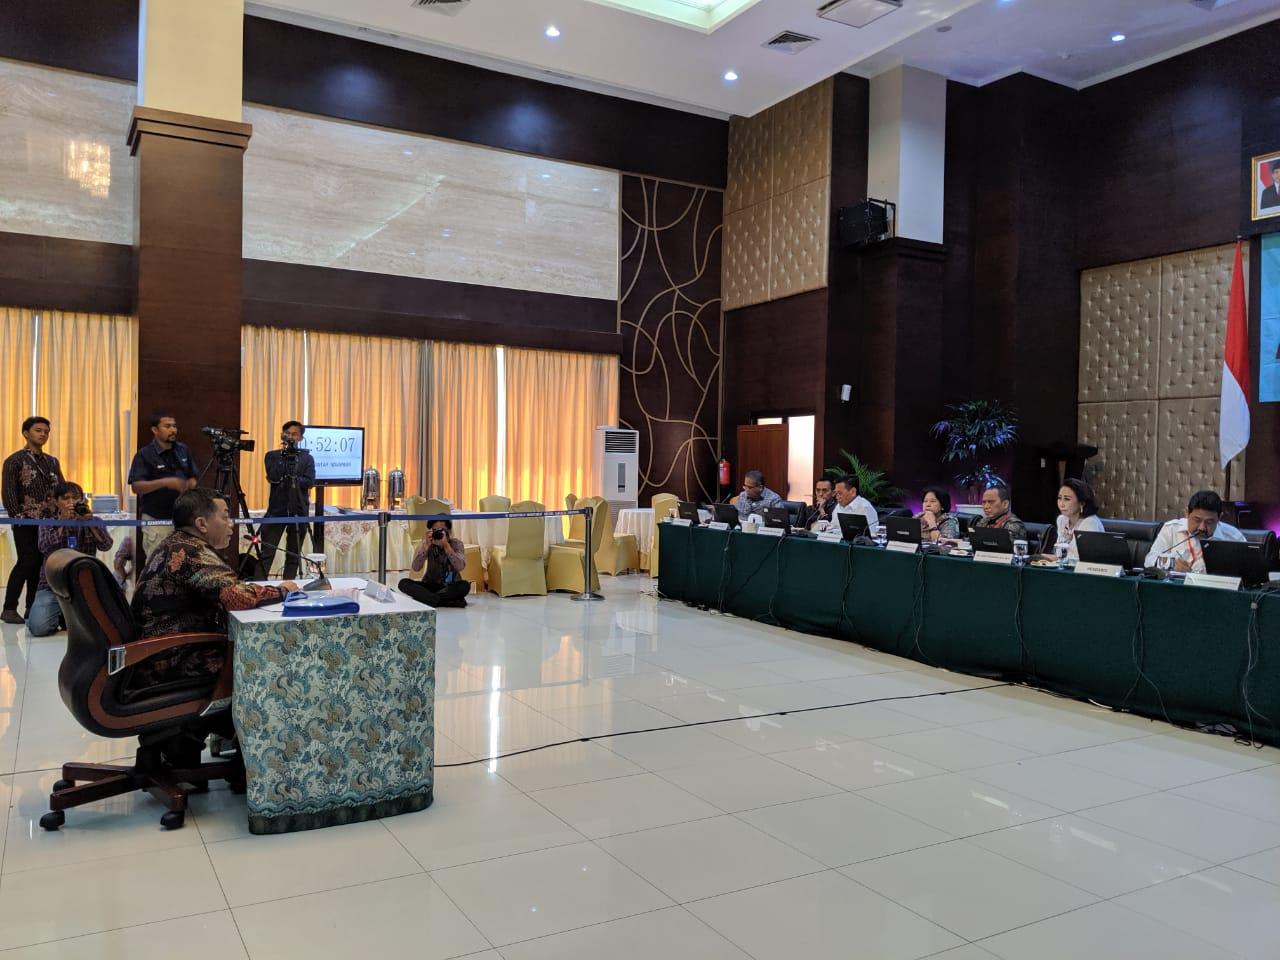 Salah satu kandidat Capim KPK, Irjen Pol. Antan Novambar, mengikuti seleksi Wawancara dan Uji Publik, di aula Gedung III Kemensetneg, Jakarta, Selasa (27/8) pagi. (Foto: Nia/Humas)